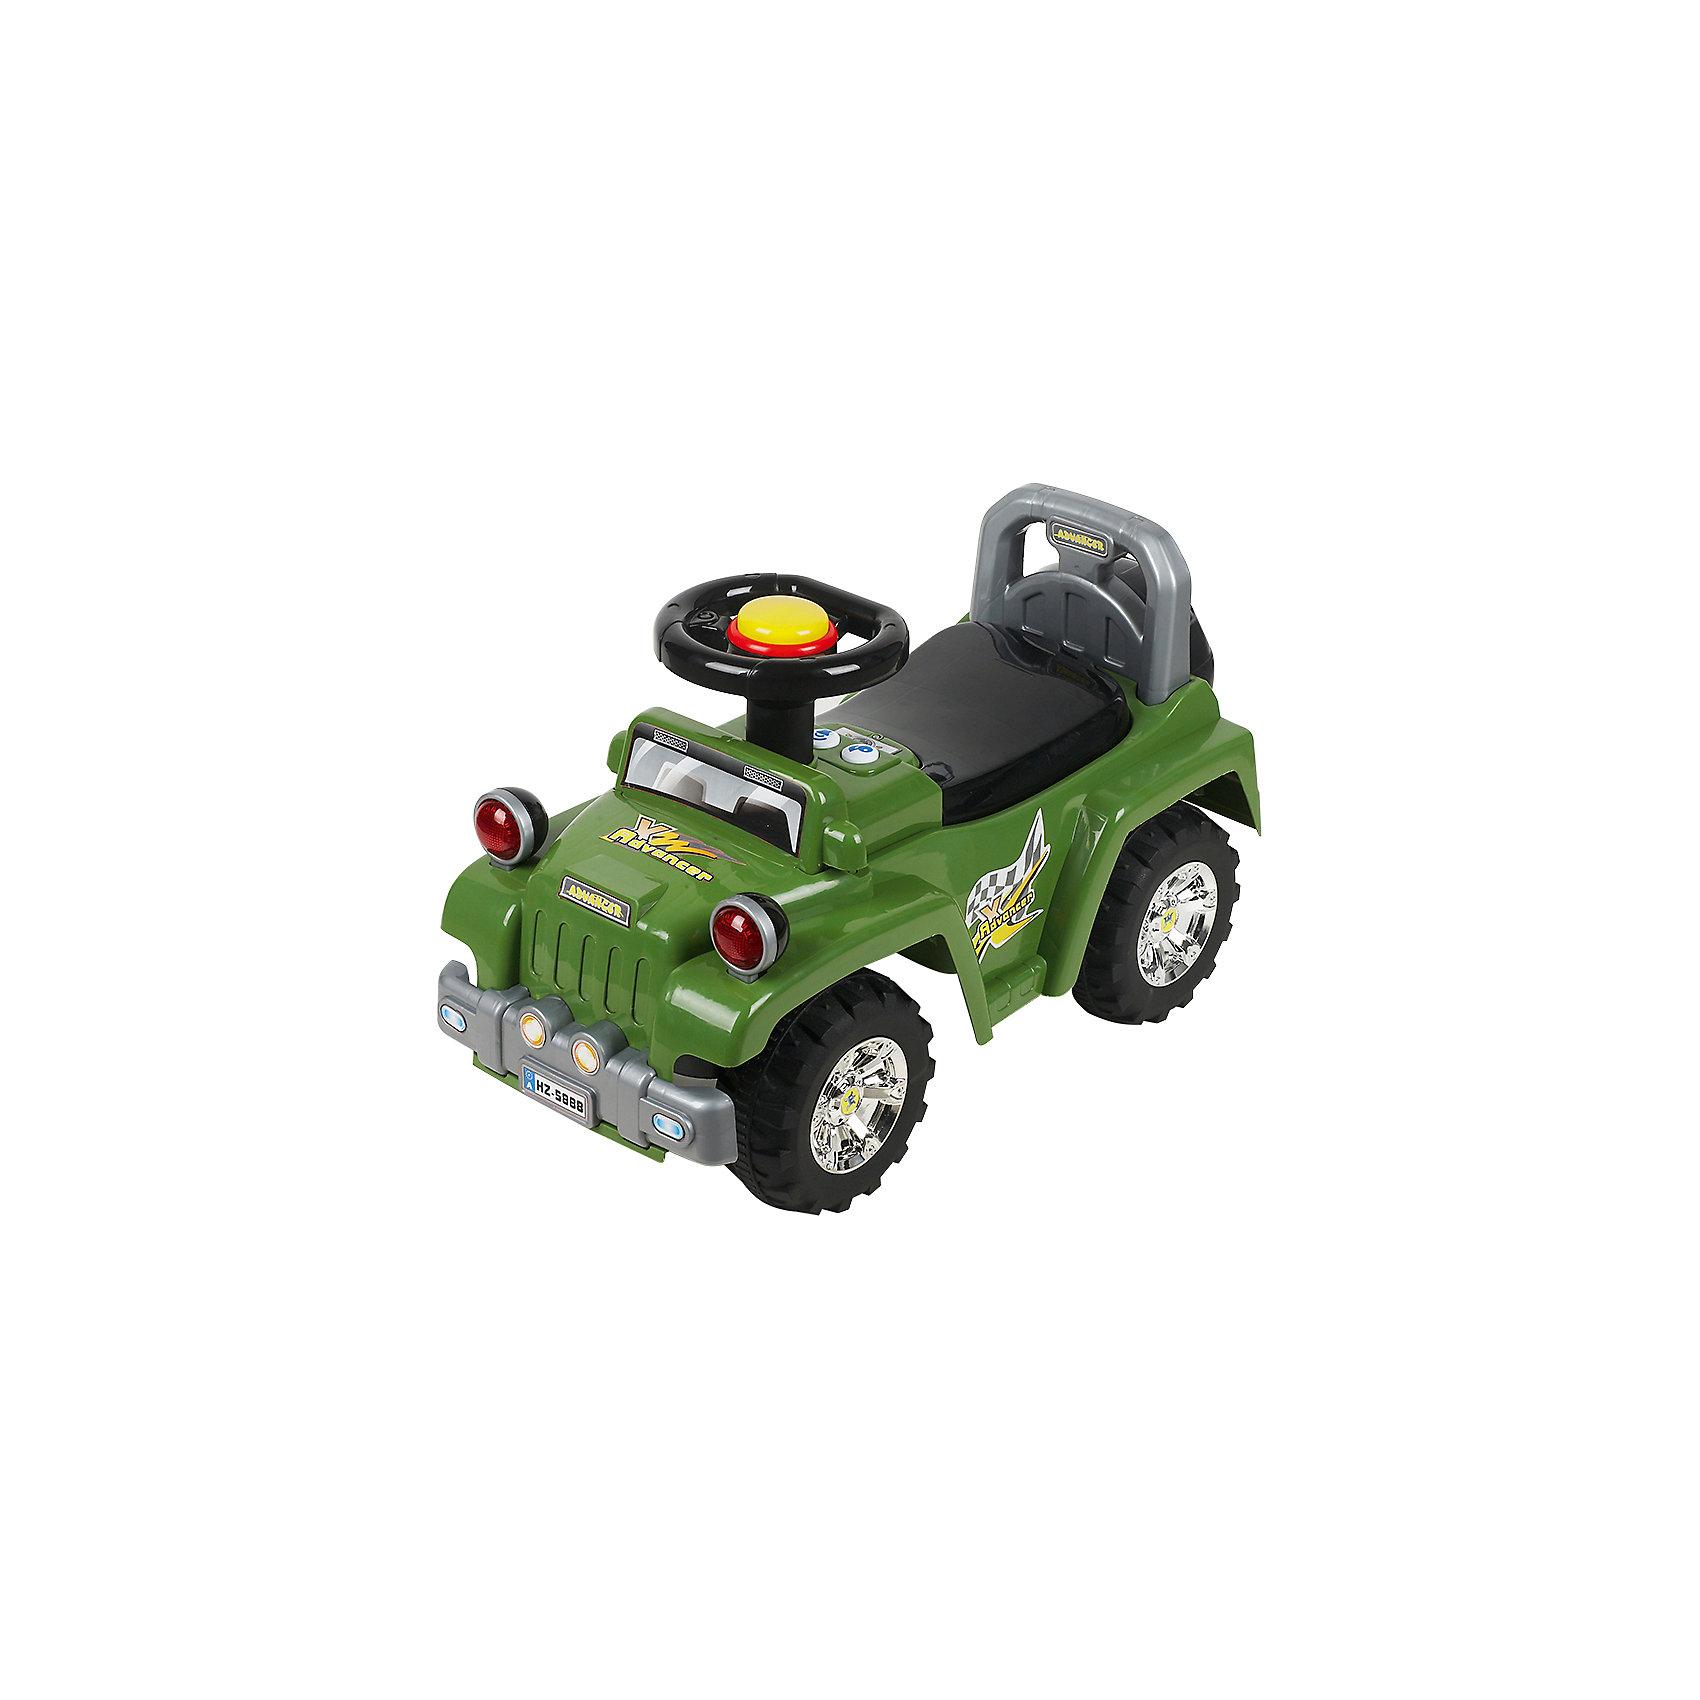 Каталка Джип, зеленый, NINGBO PRINCEМашинки-каталки<br>Каталка Джип, зеленый, NINGBO PRINCE  - осчастливьте своего ребенка безопасной детской машиной.<br>Благодаря тому, что каталка имеет устойчивую конструкцию и колеса с поворотом на 90 градусов, она полностью безопасна для ребенка, даже если он любит быструю езду.  На руле есть кнопка для звукового сигнала. Ход машины очень плавный, может ездить вперед и назад. Есть вместительный багажник для игрушек или вещей, под сиденьем. Машина сделана под марку «джип».<br><br>Дополнительная информация:<br><br>- размер: 65*28*30 см<br>- вес: 3,7 кг<br>- возраст: от 1 до 3 лет<br>- максимальный вес: до 30 кг<br>- цвет: зеленый<br><br>Каталку Джип, зеленый, NINGBO PRINCE  можно купить в нашем интернет магазине.<br><br>Ширина мм: 900<br>Глубина мм: 900<br>Высота мм: 500<br>Вес г: 3700<br>Возраст от месяцев: 12<br>Возраст до месяцев: 36<br>Пол: Унисекс<br>Возраст: Детский<br>SKU: 4995155